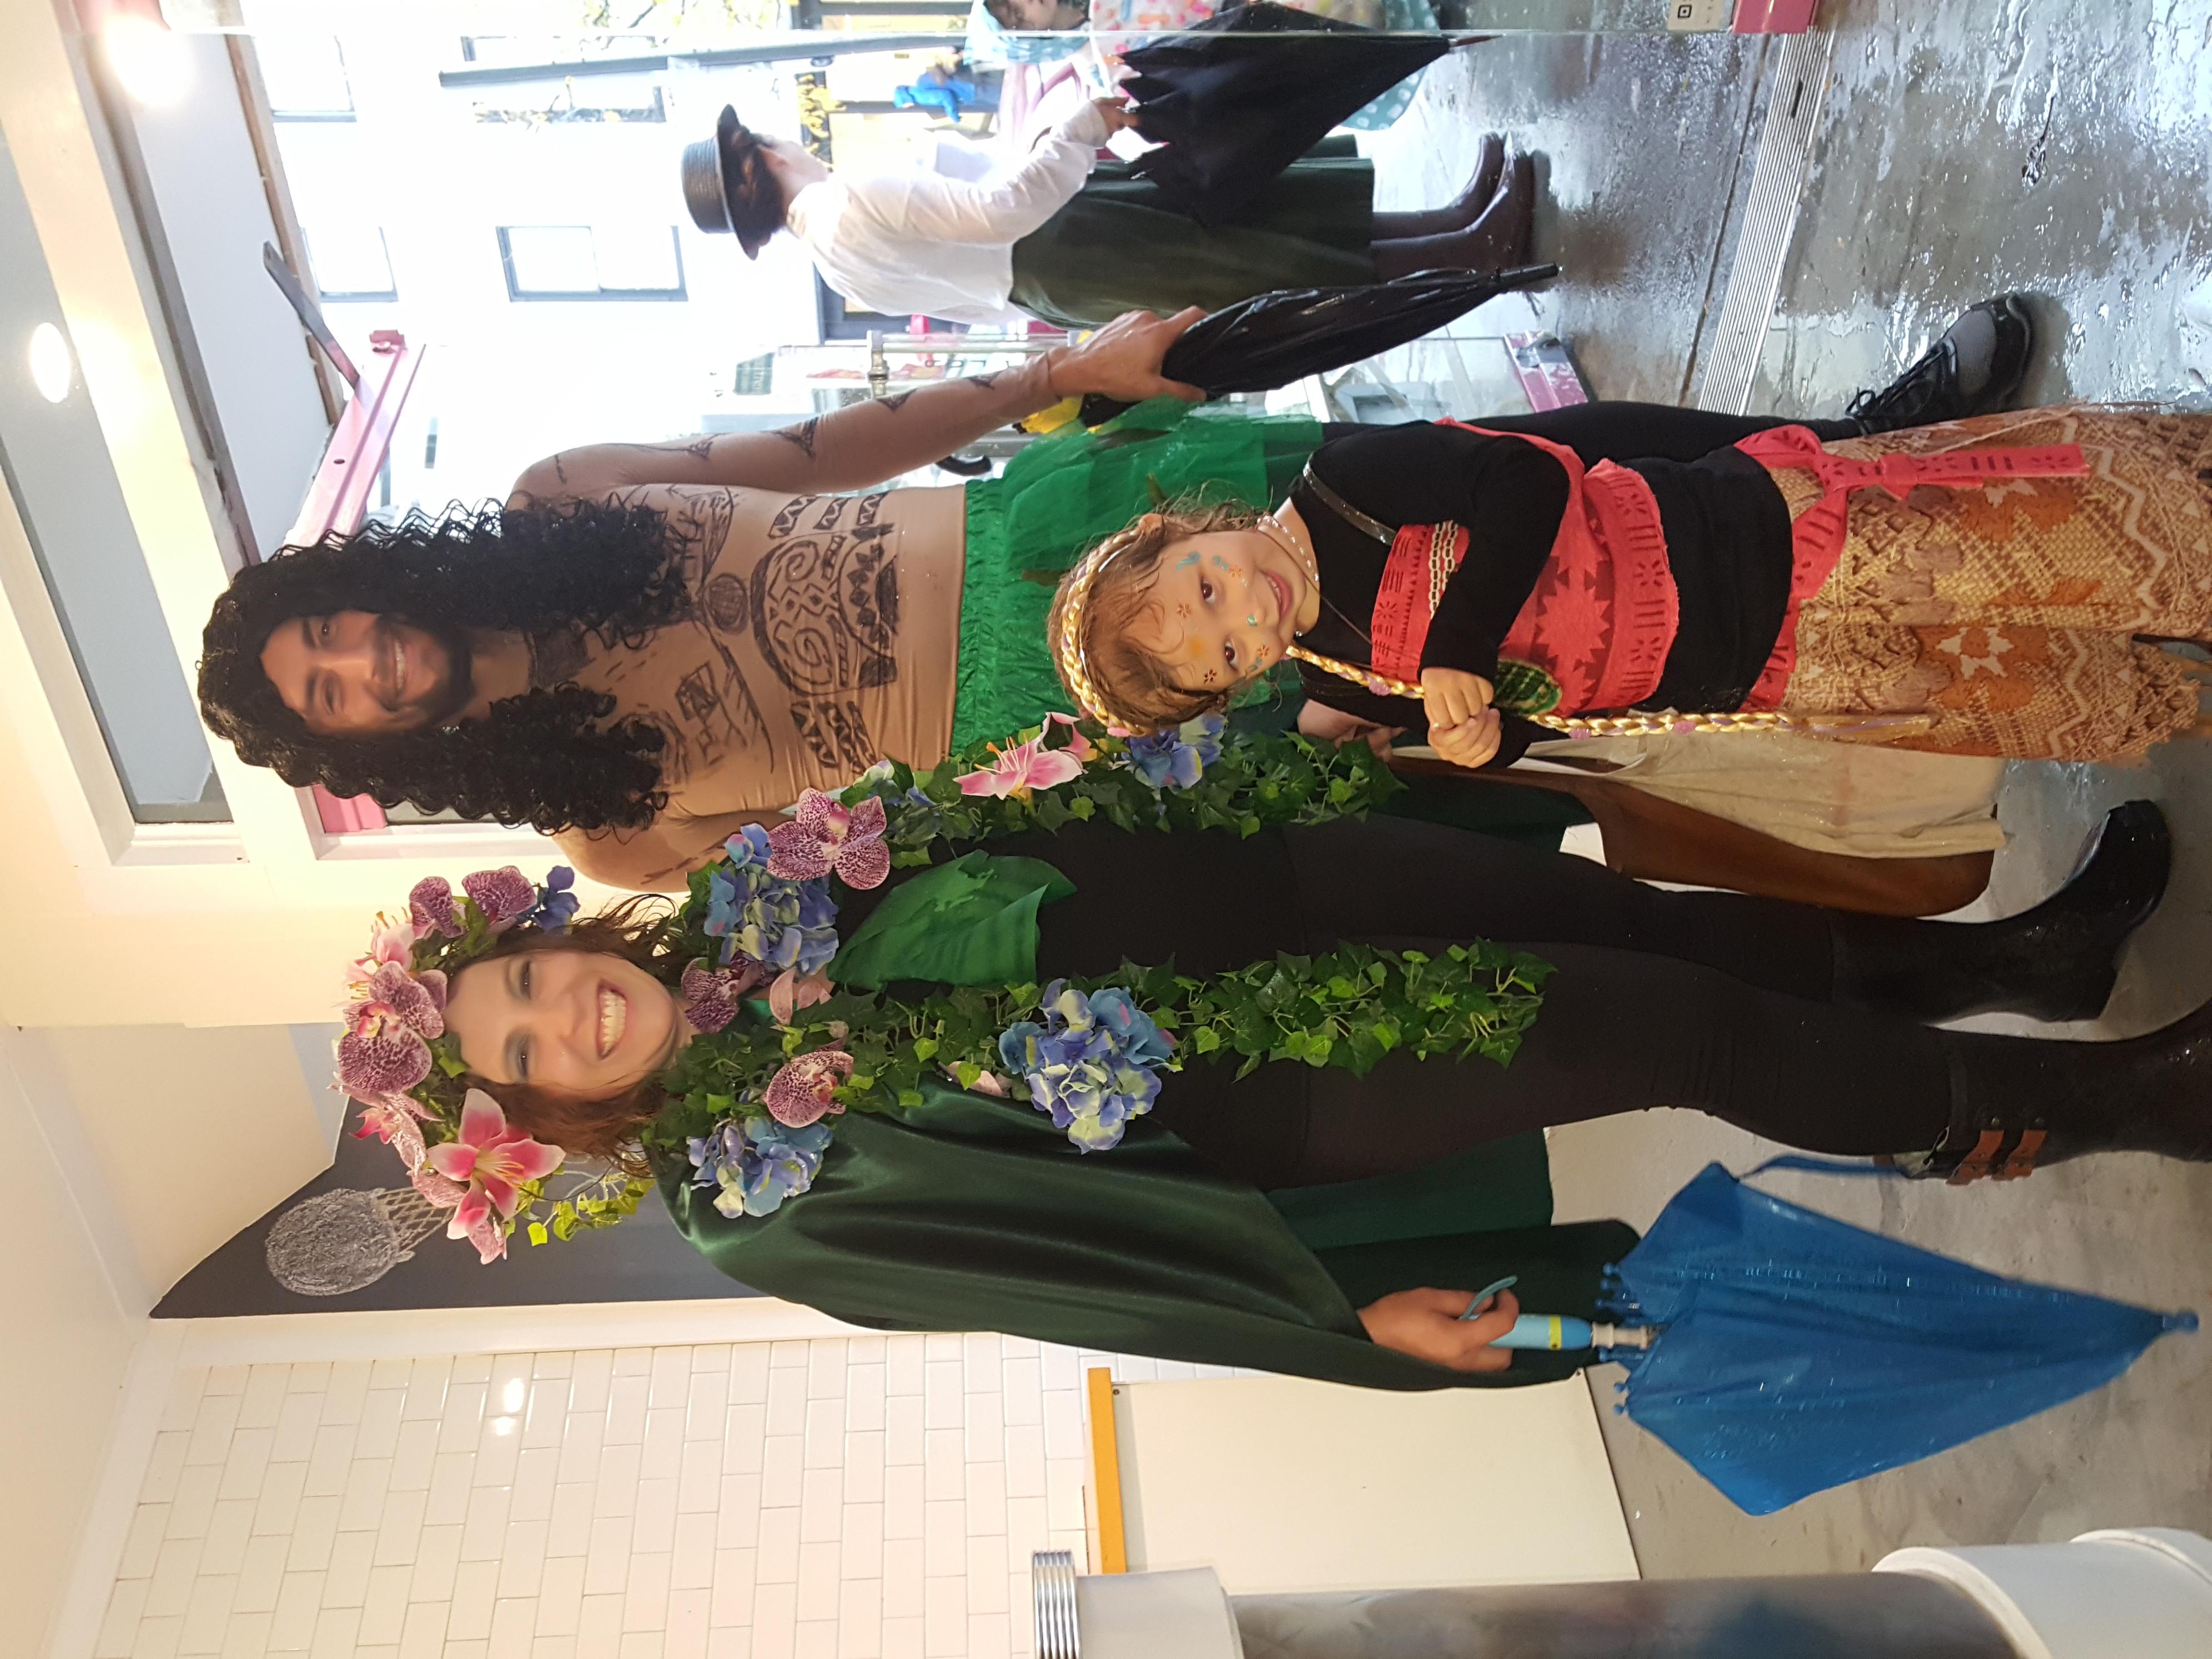 Moana, Te Fiti, and Maui